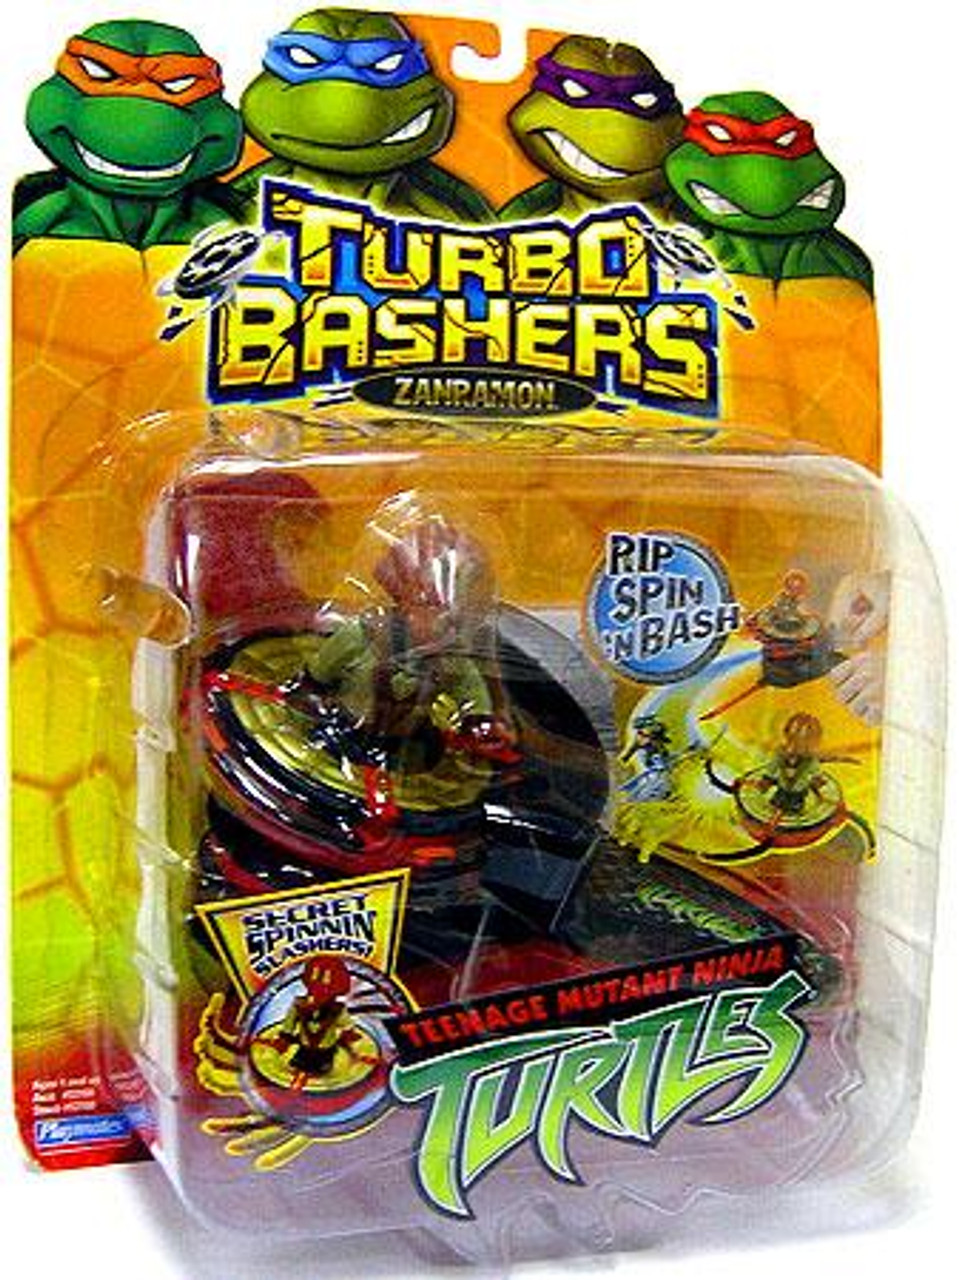 Teenage Mutant Ninja Turtles 2003 Turbo Bashers Zanramon Toy